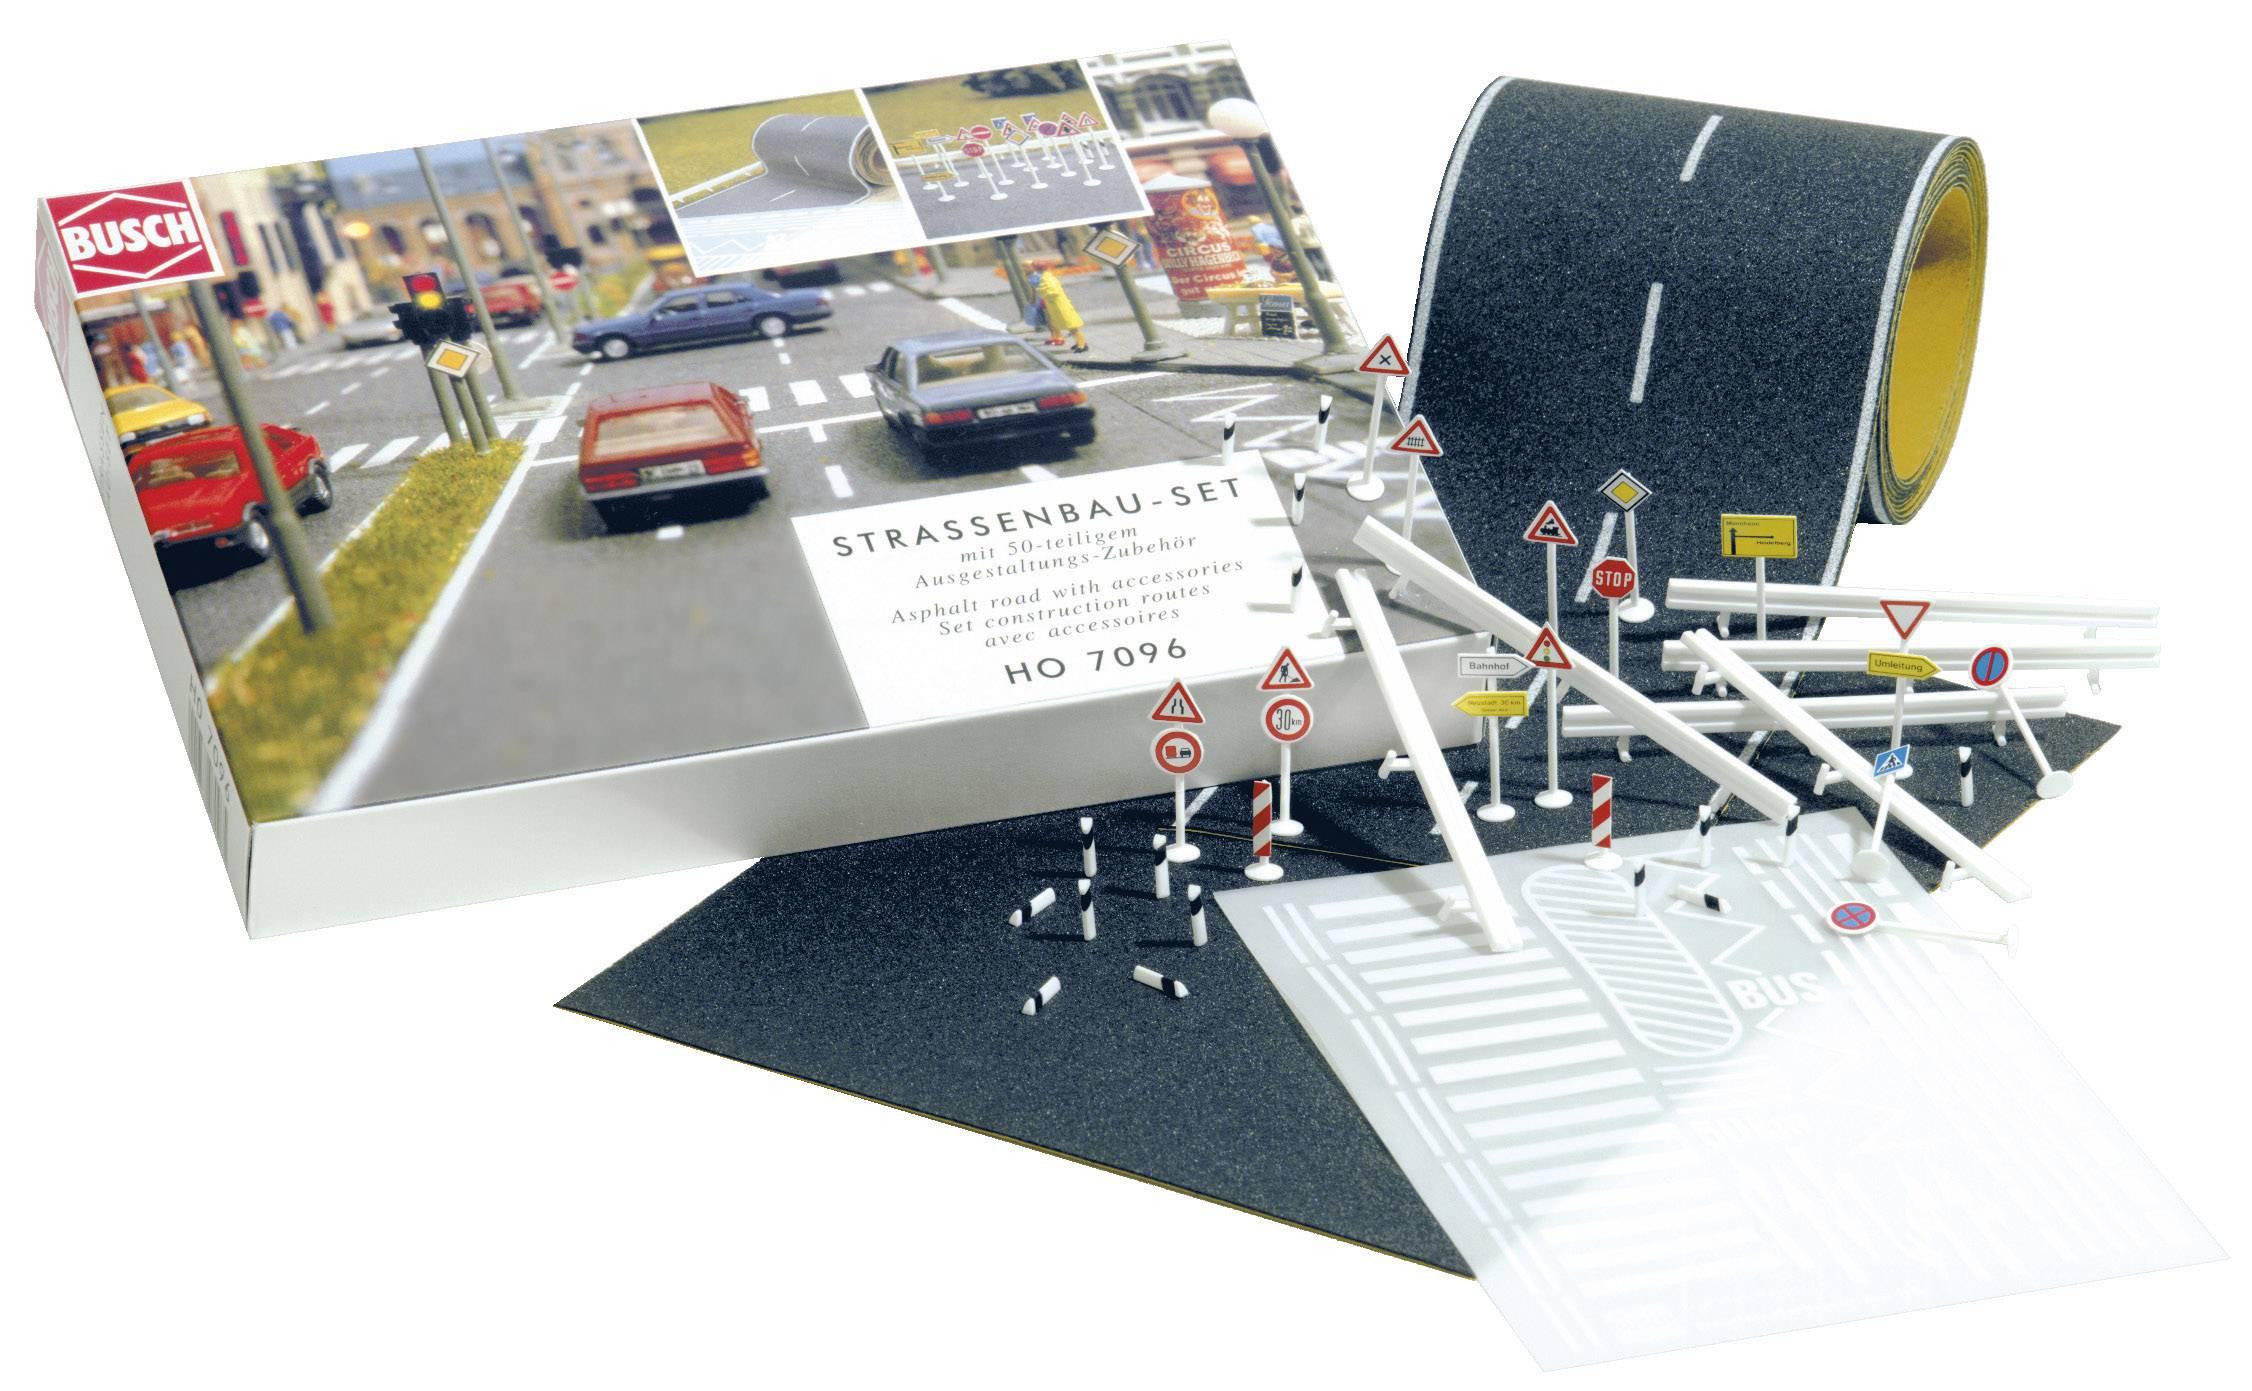 etc. panneaux de signalisation asphalte route 80 mm asphalte Place Busch 7096 h0 routes-Set